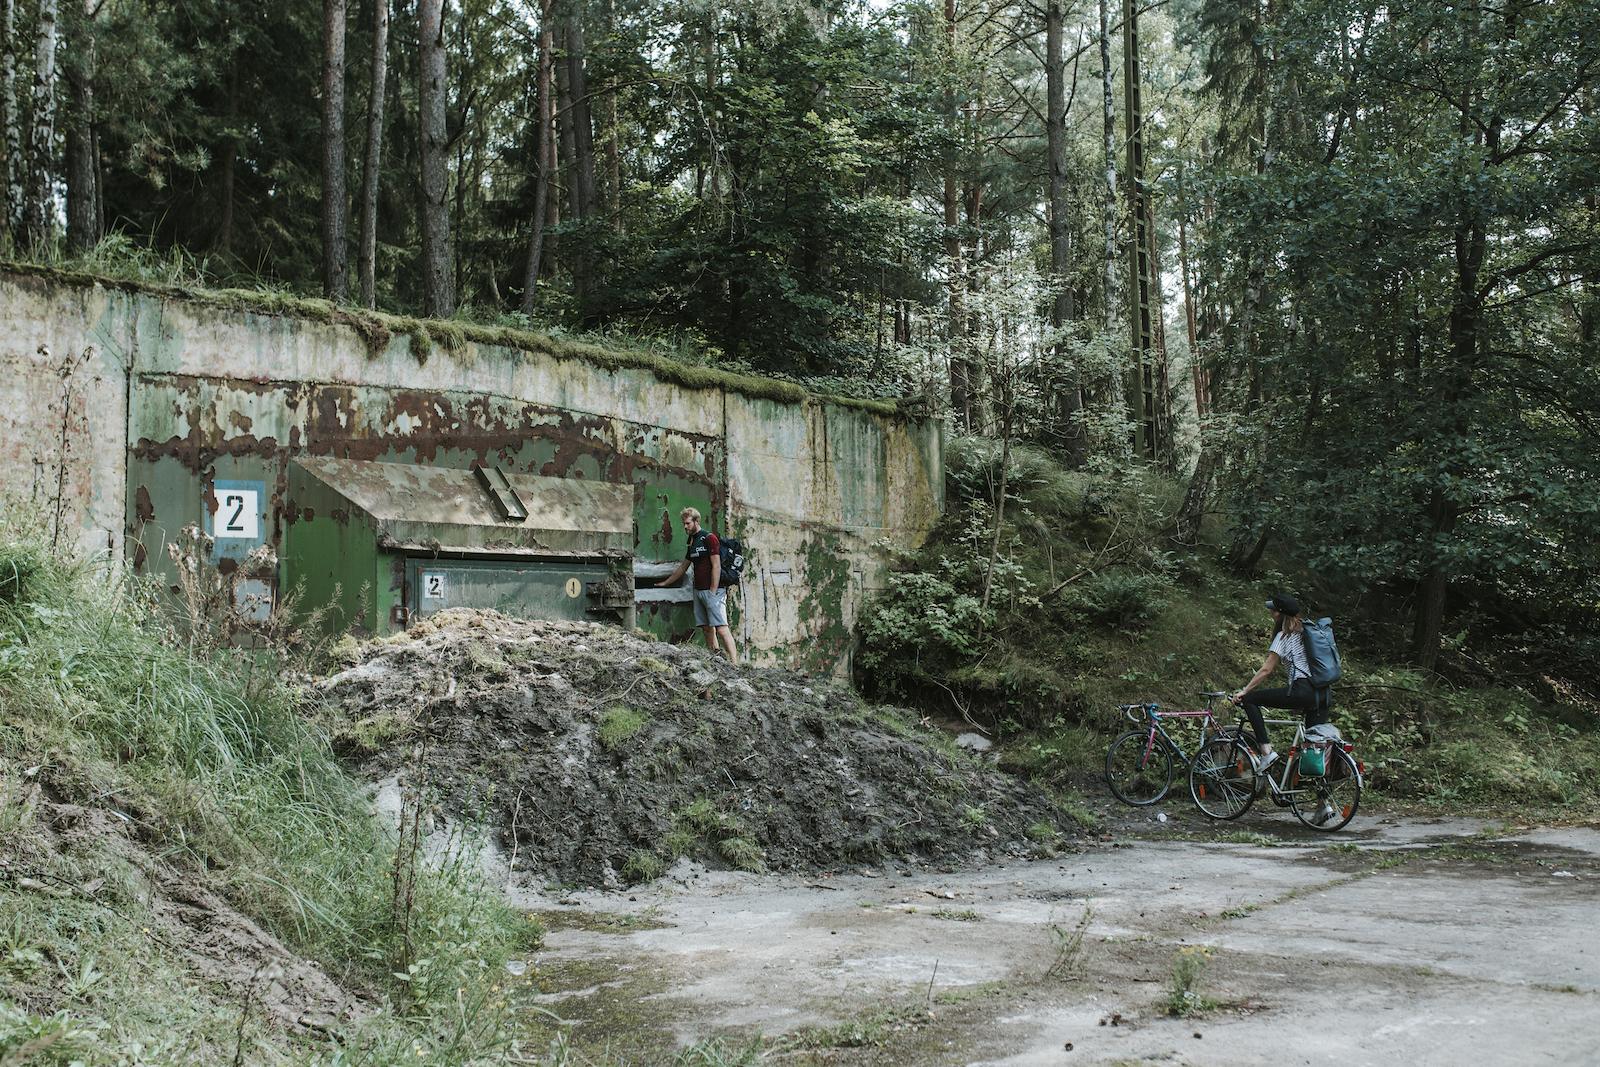 wecyclebrandenburg_(c)Madlen_Krippendorf_hohenlychen_bunker4.jpg